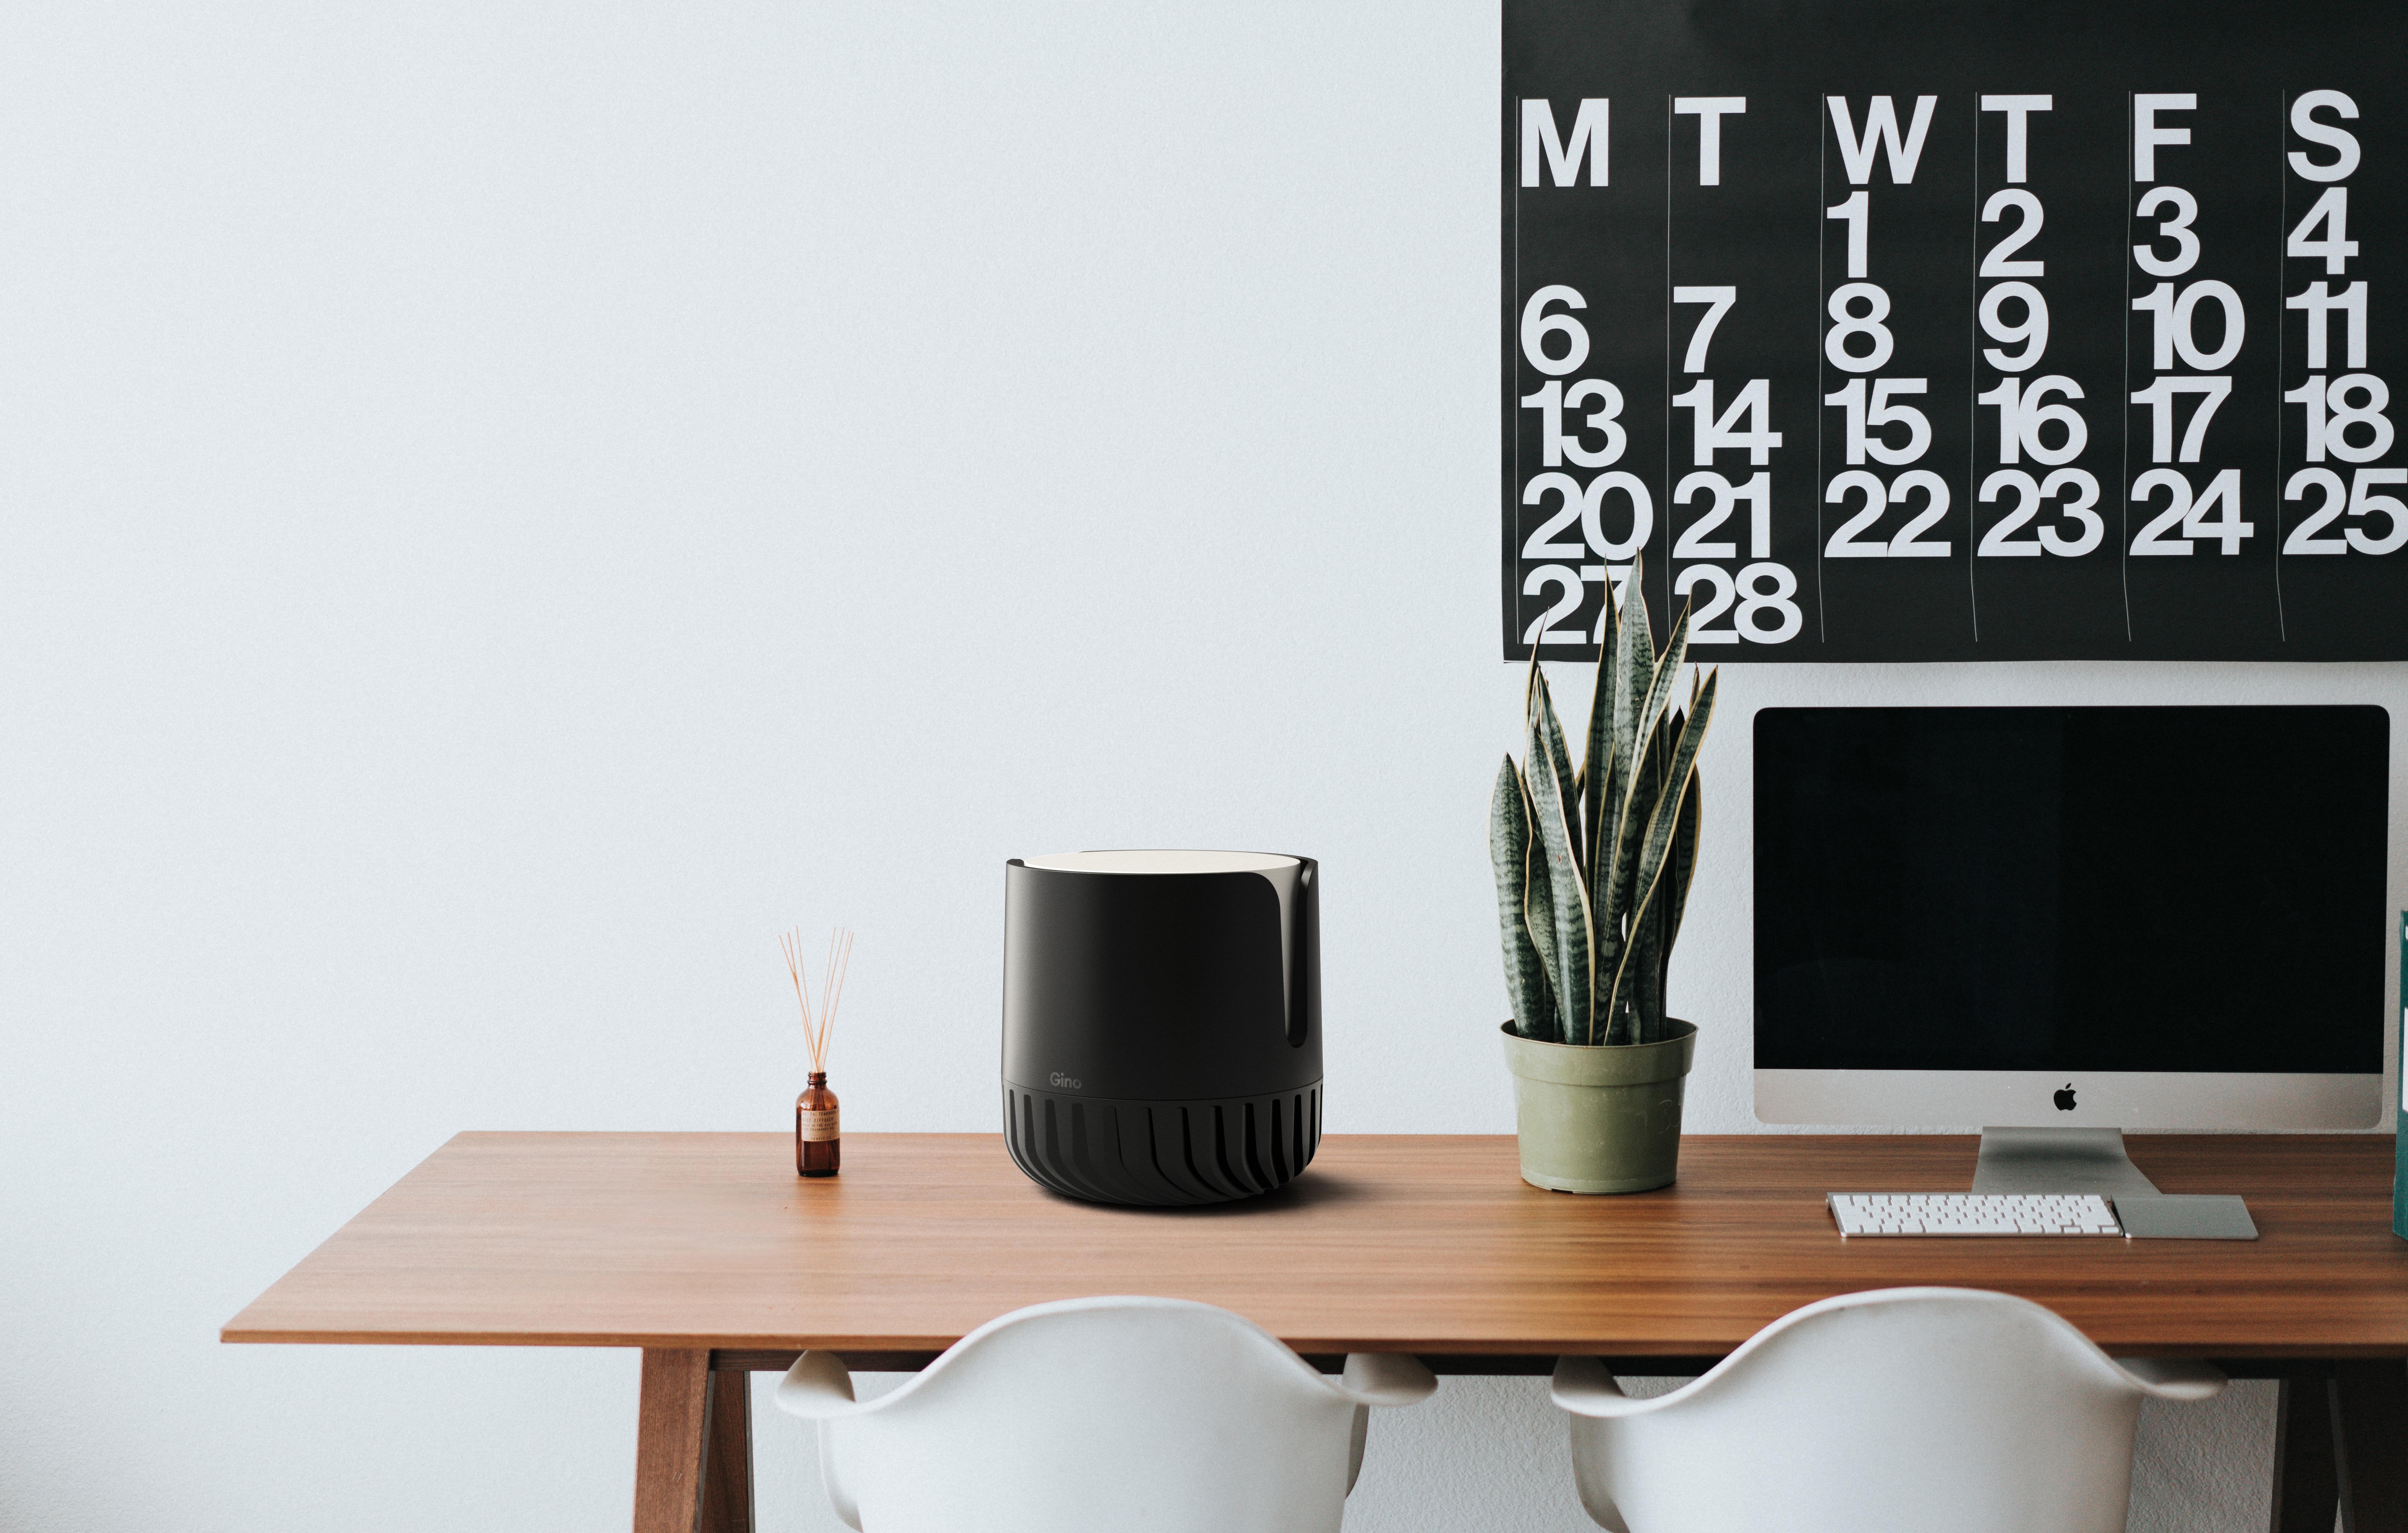 产生冠状病毒的涂层的一种应用是用于家庭和办公室的陶瓷空气过滤器。  图片来源:智能分离